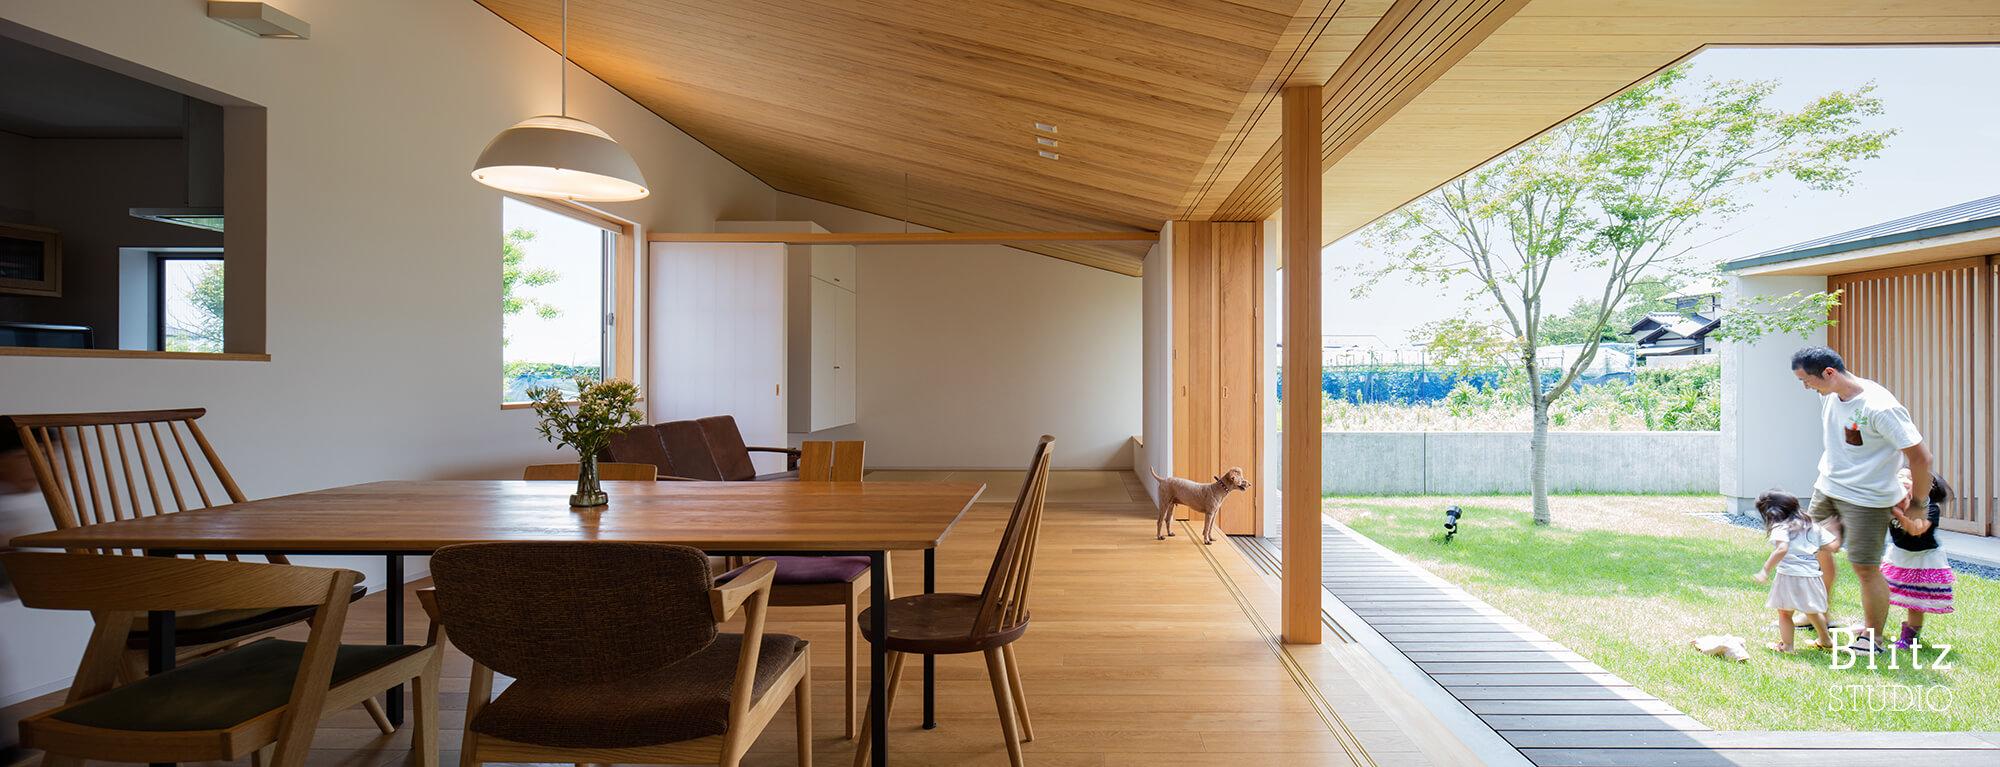 『筑後の家』建築写真・竣工写真・インテリア写真12